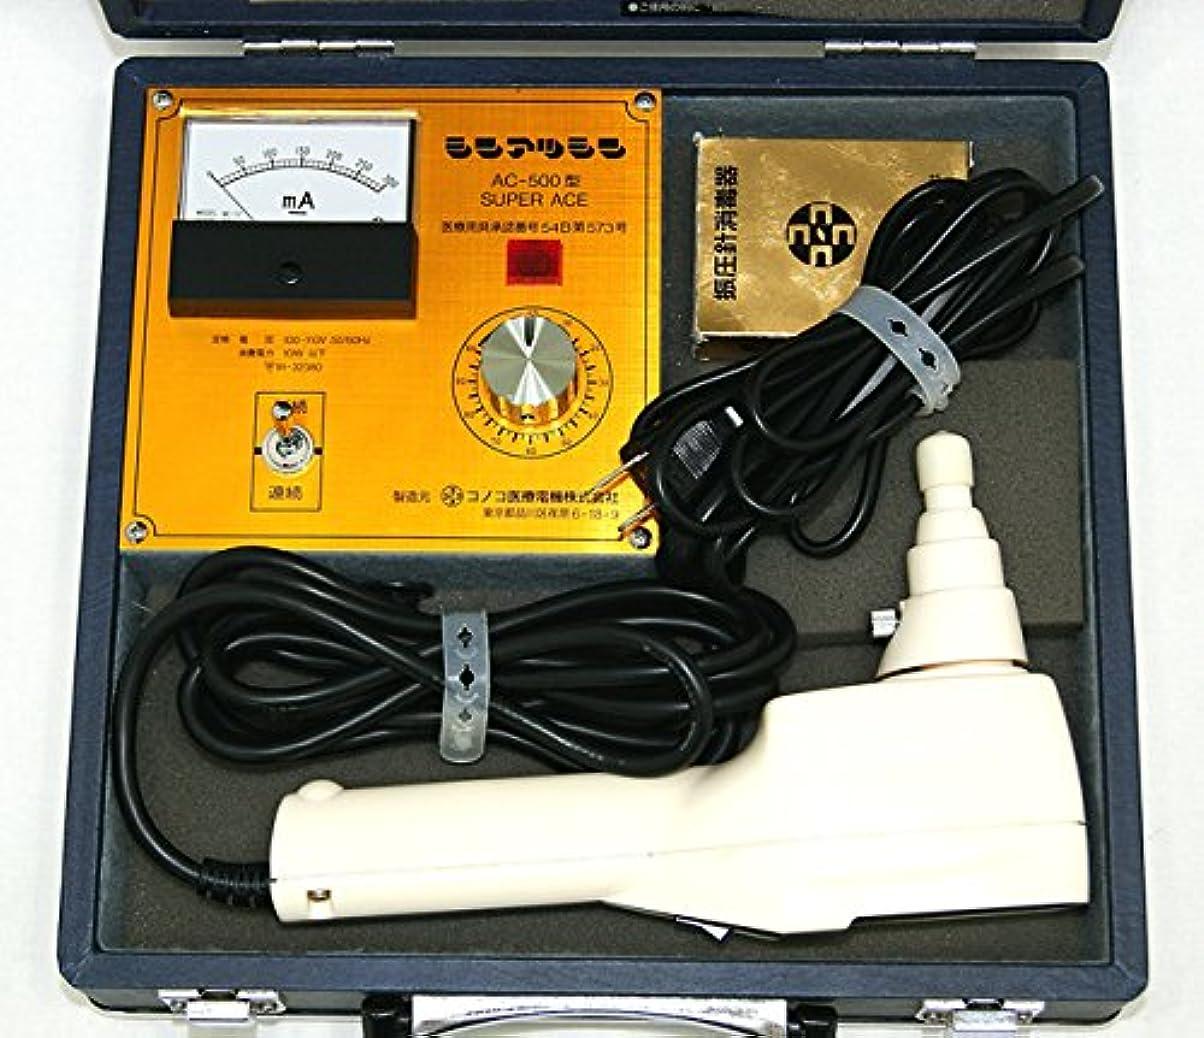 コカインペパーミント厳しいコノコ医療電機株式会社 シンアツシン AC500型(振圧針/AC-500型 SUPER ACE) 家庭用電気マッサージ器